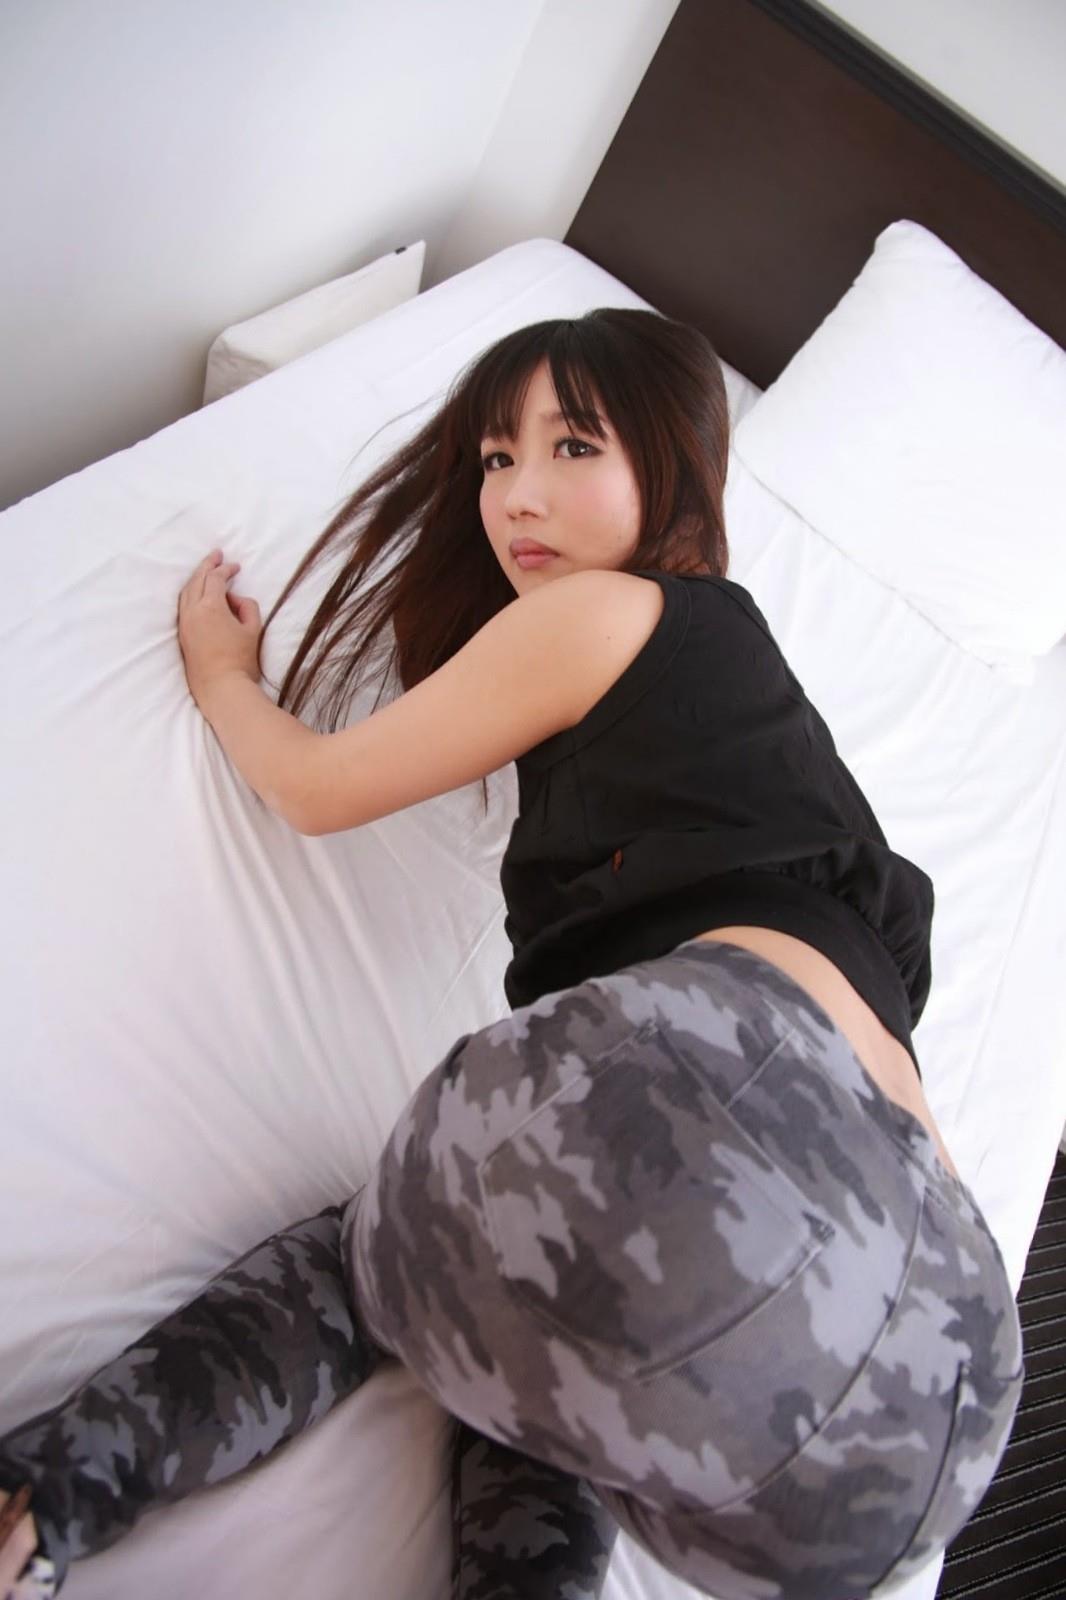 大槻ひびき ヌード画像 62